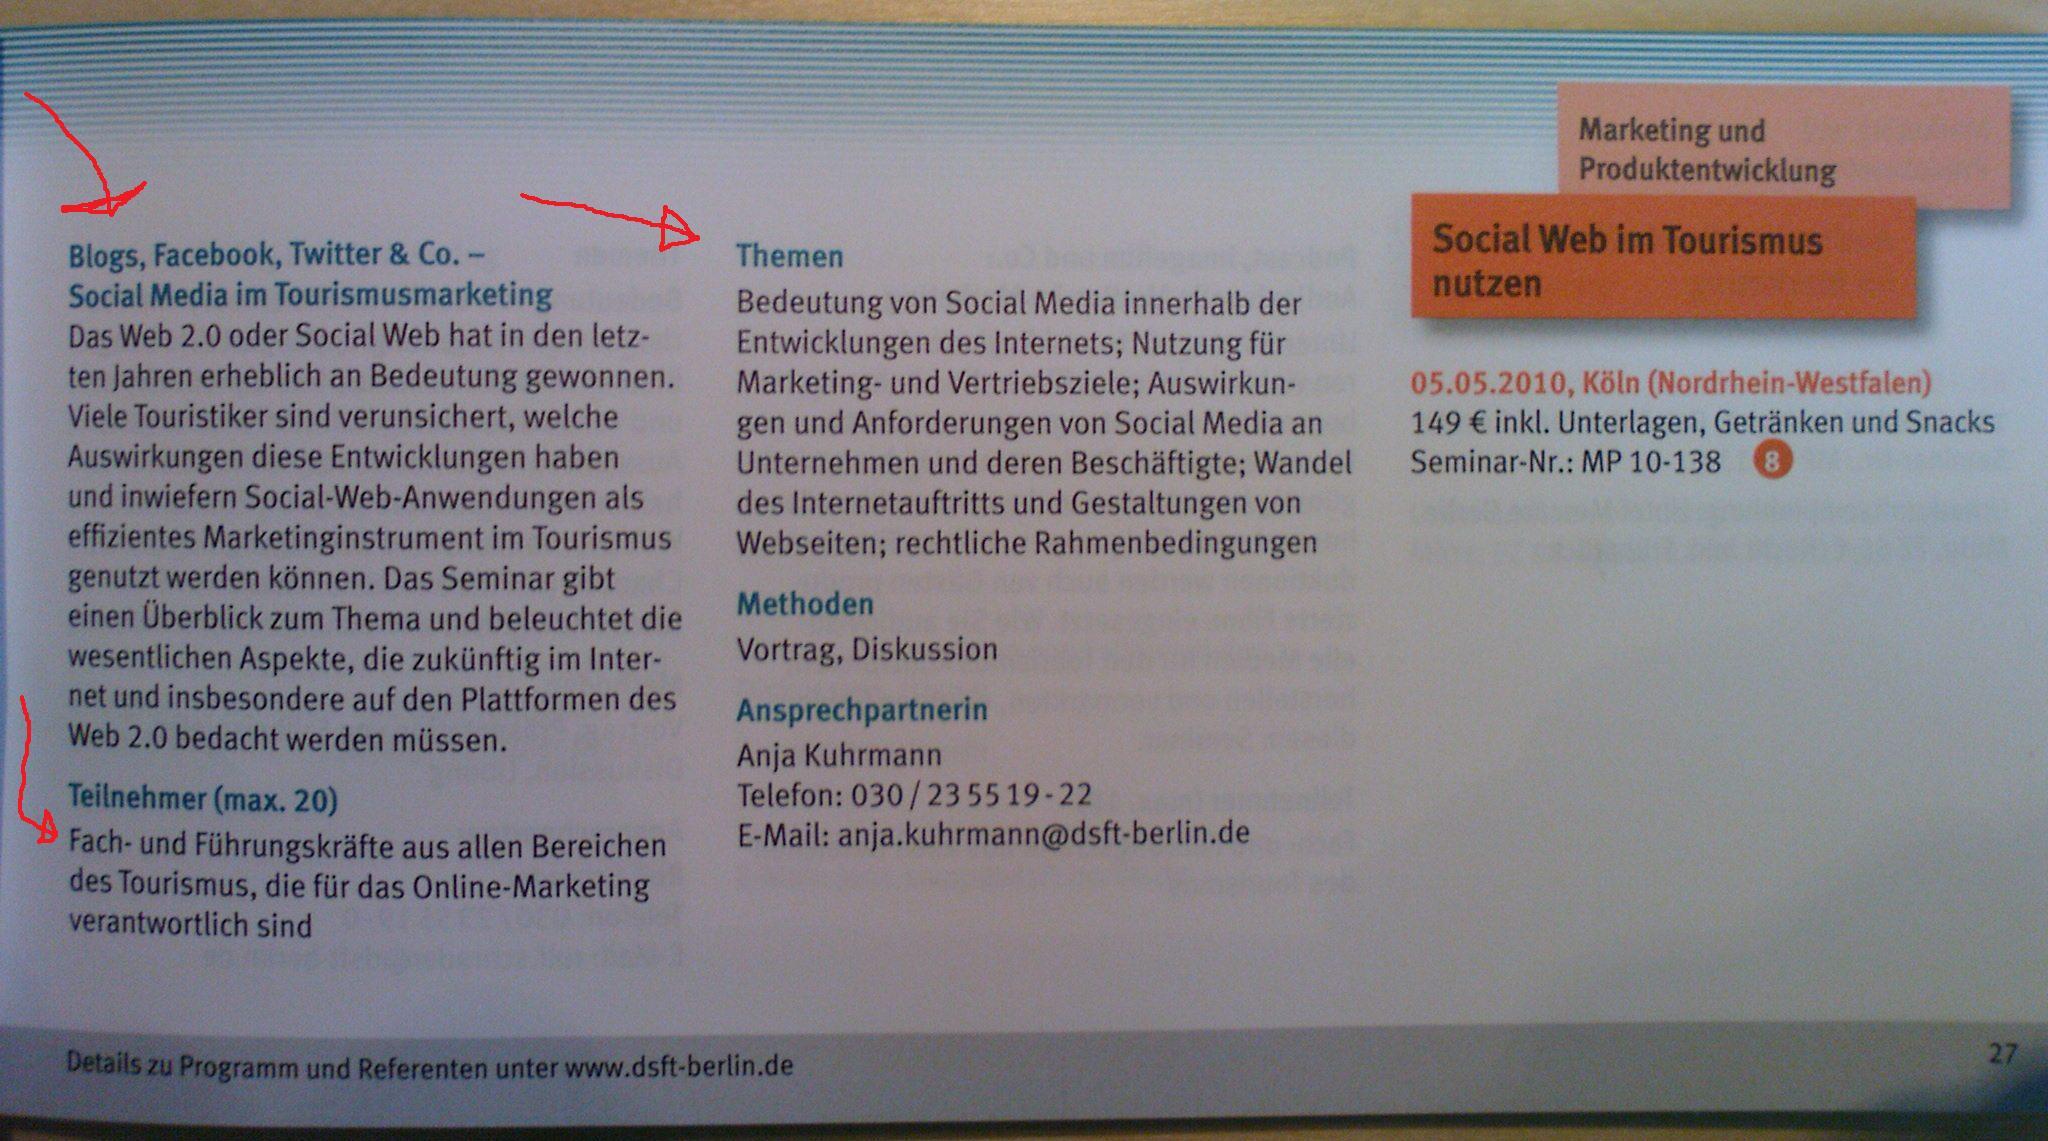 dsft Seminar - Programmübersicht Social Web im Tourismus